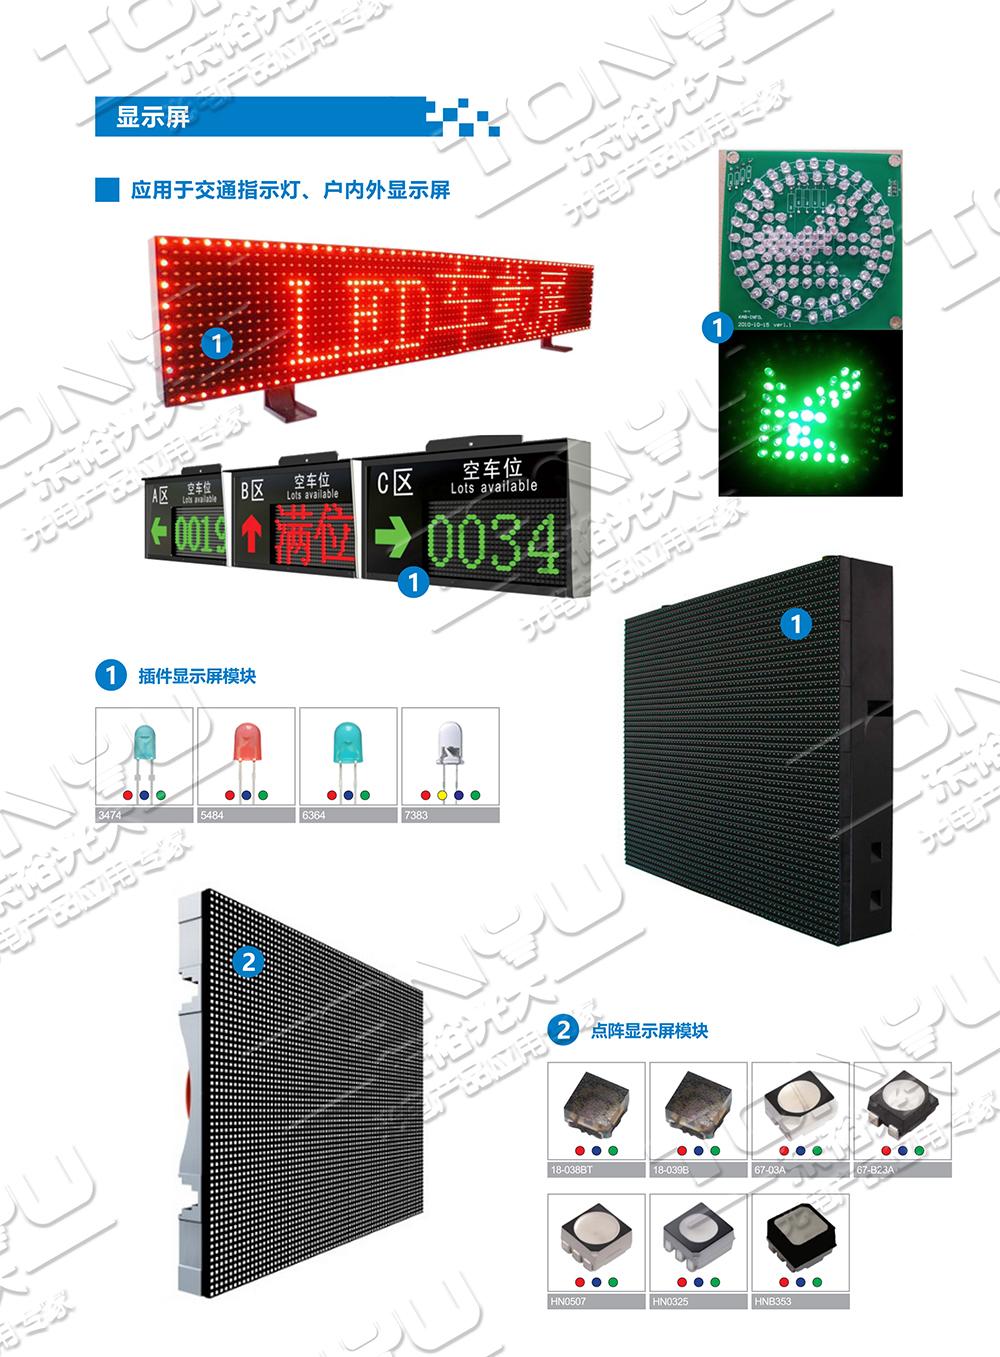 LEDdisplay.jpg